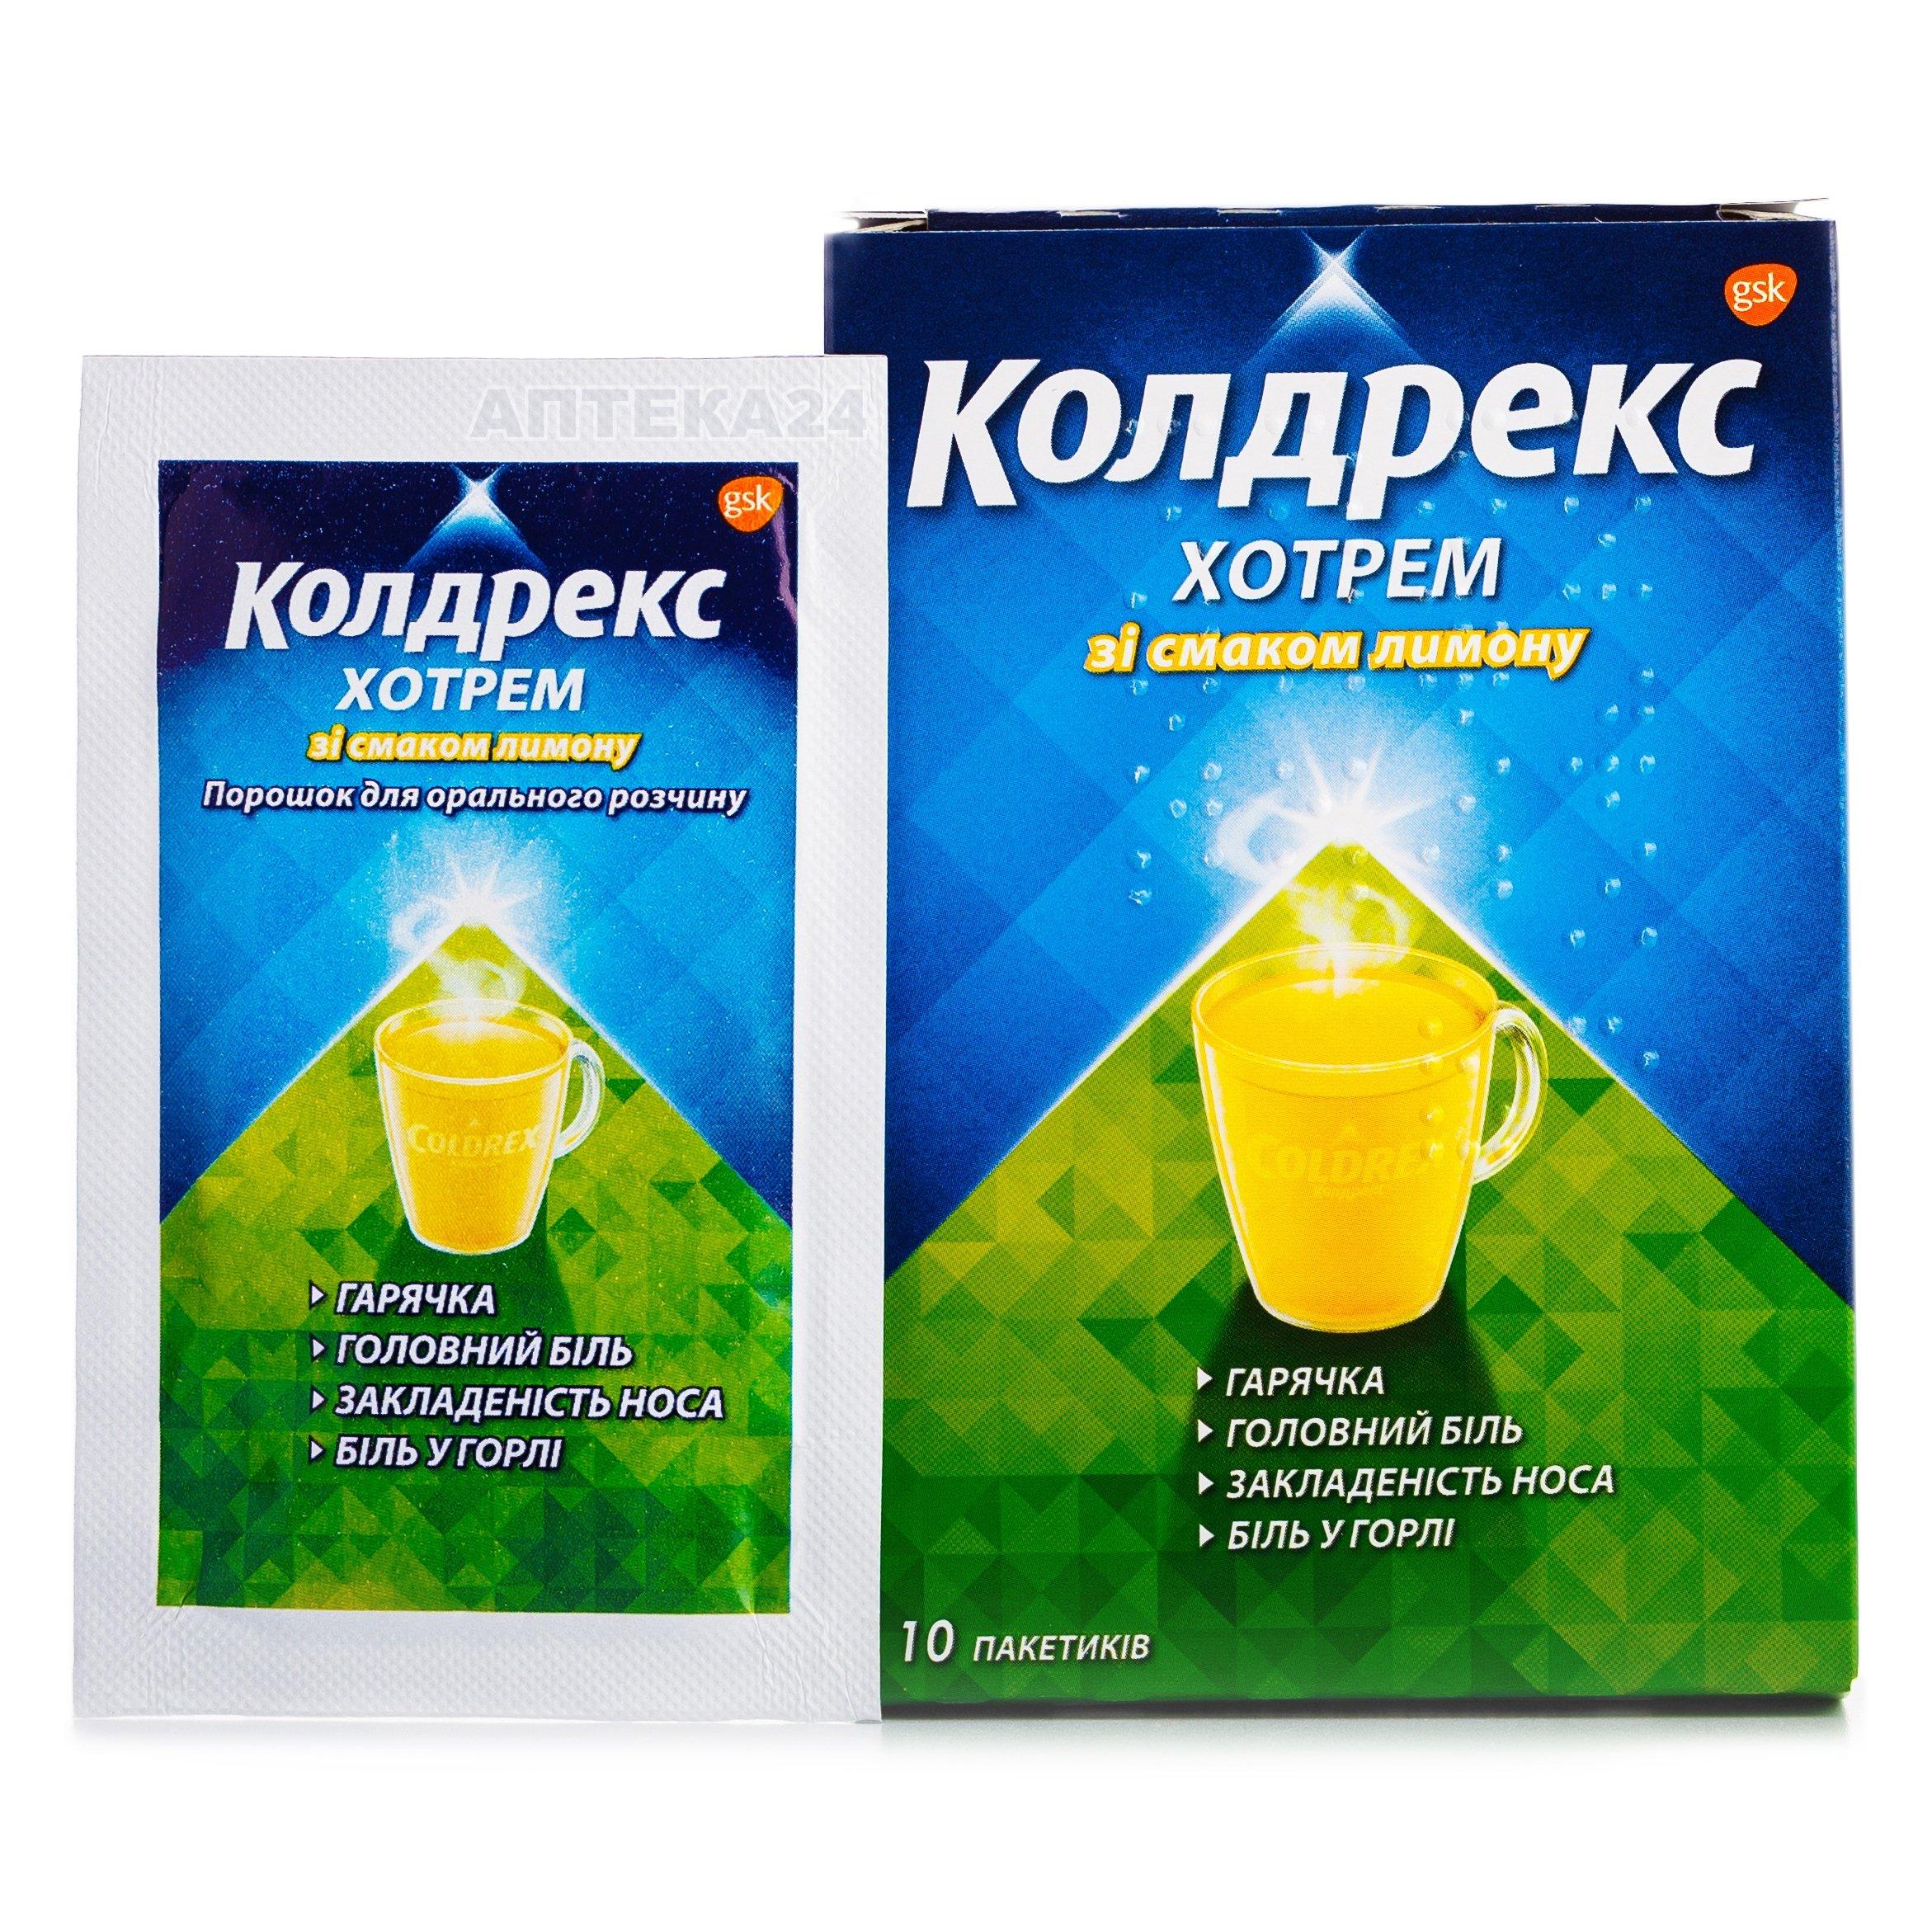 Колдрекс Хотрем со вкусом лимона порошок N10_601ad24be2736.jpeg